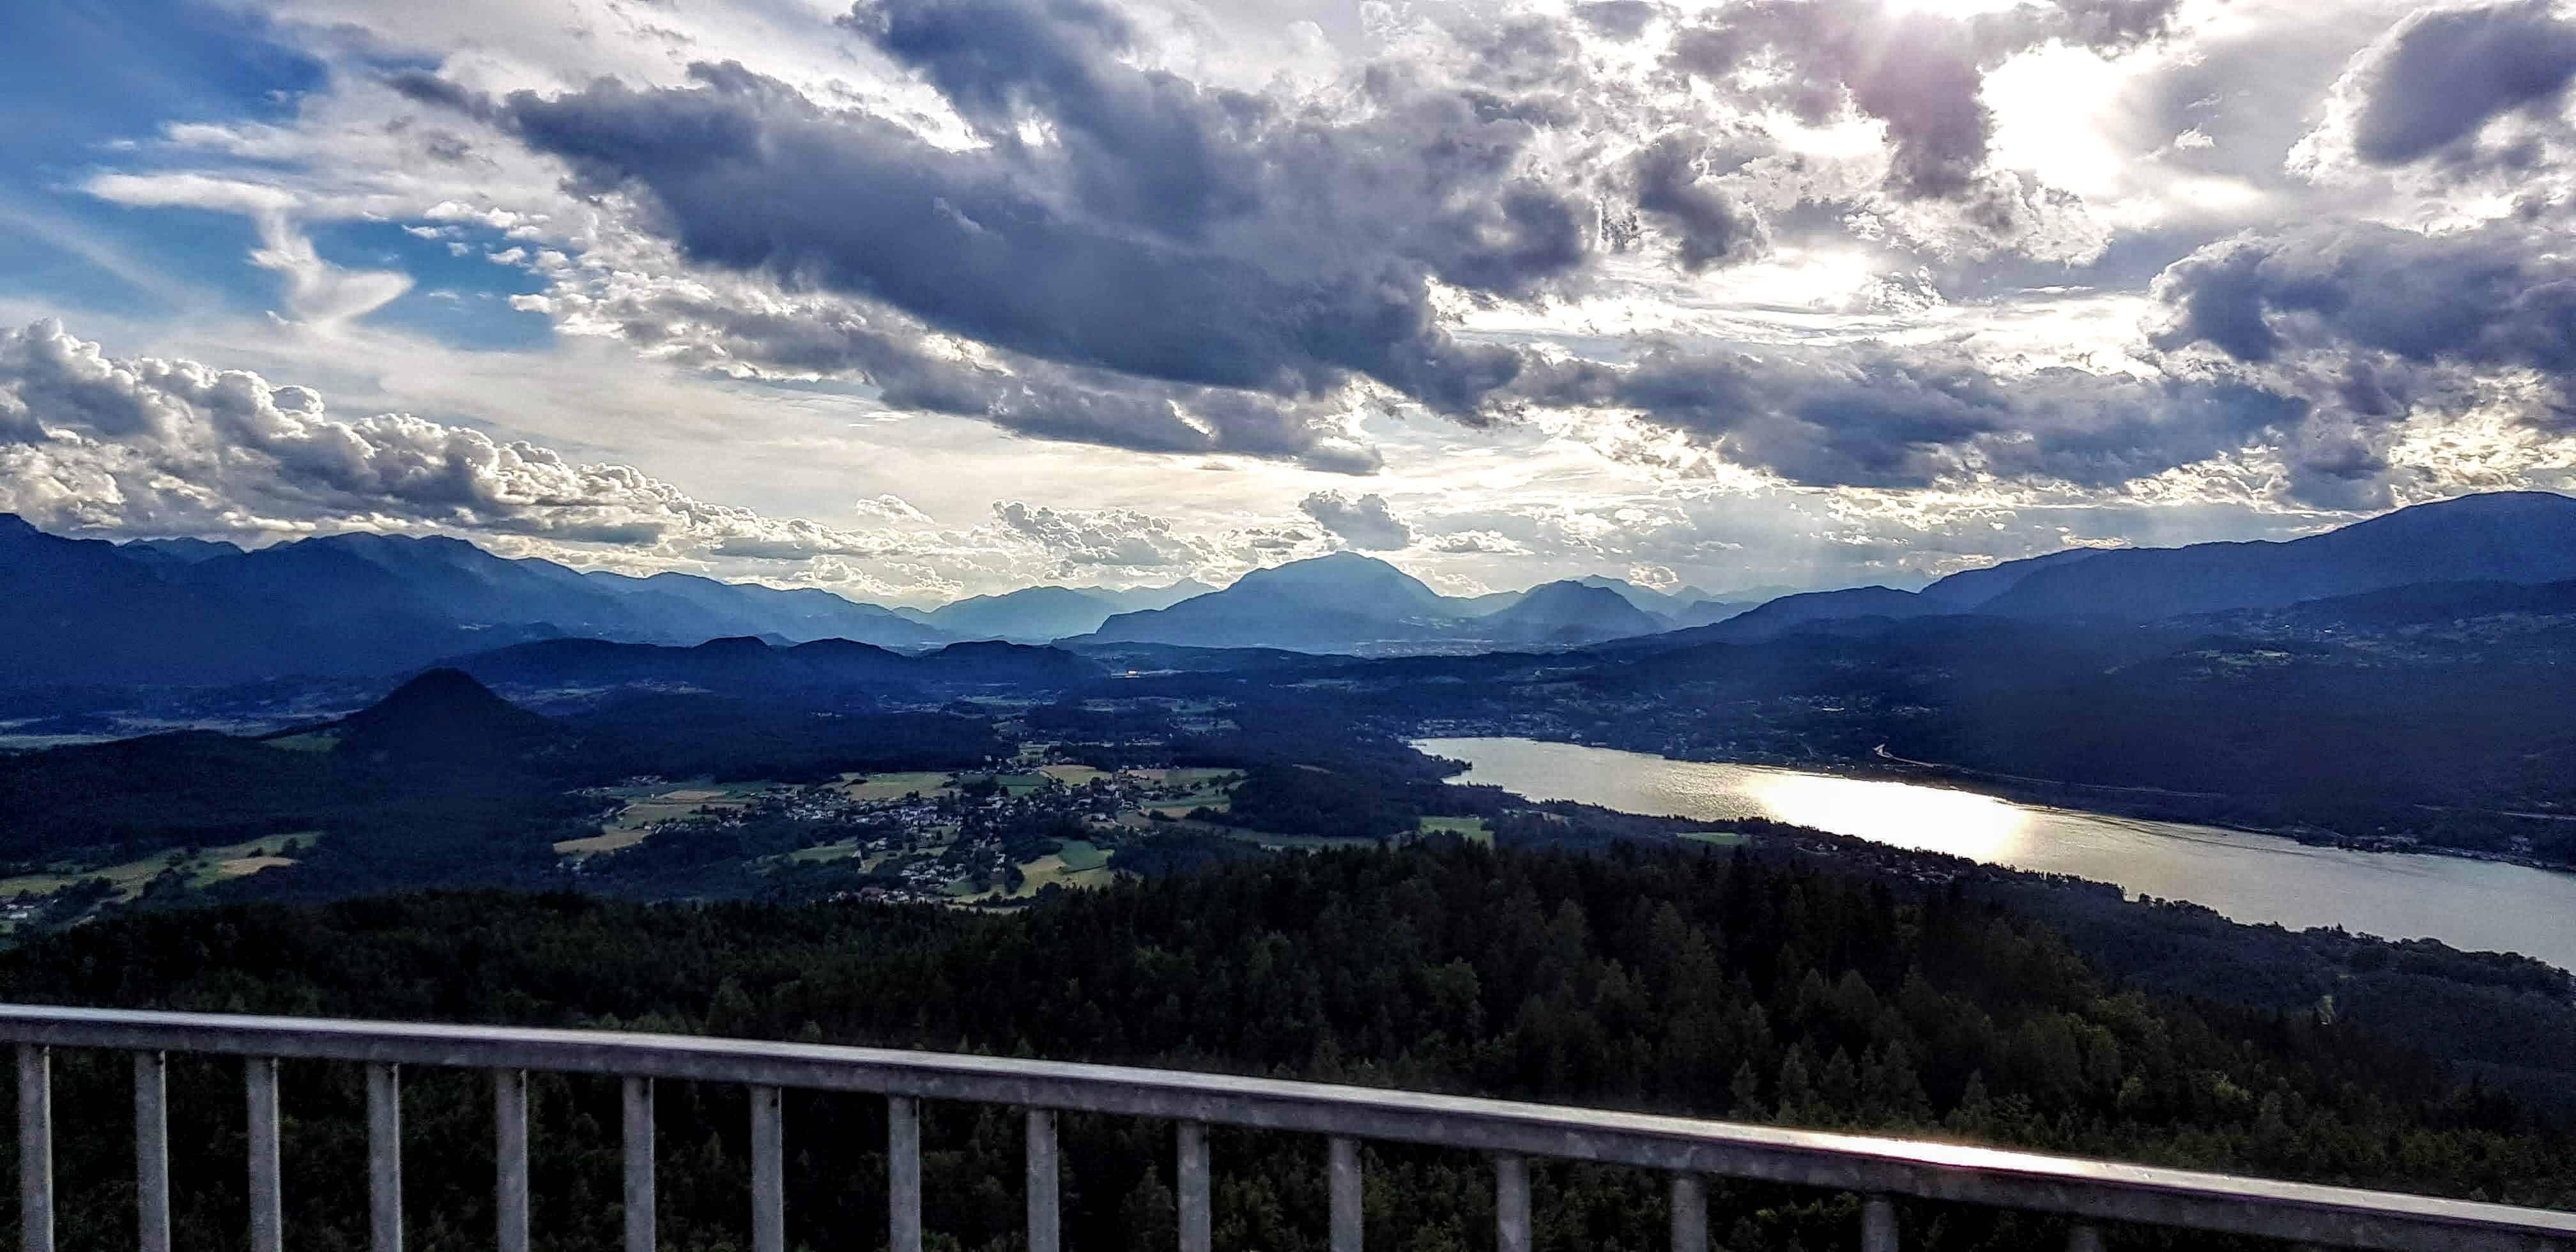 Abendstimmung mit Wolkenhimmel auf dem Pyramidenkogel in Kärnten. Blick Richtung Velden am Wörthersee, Dobratsch, Gerlitzen.